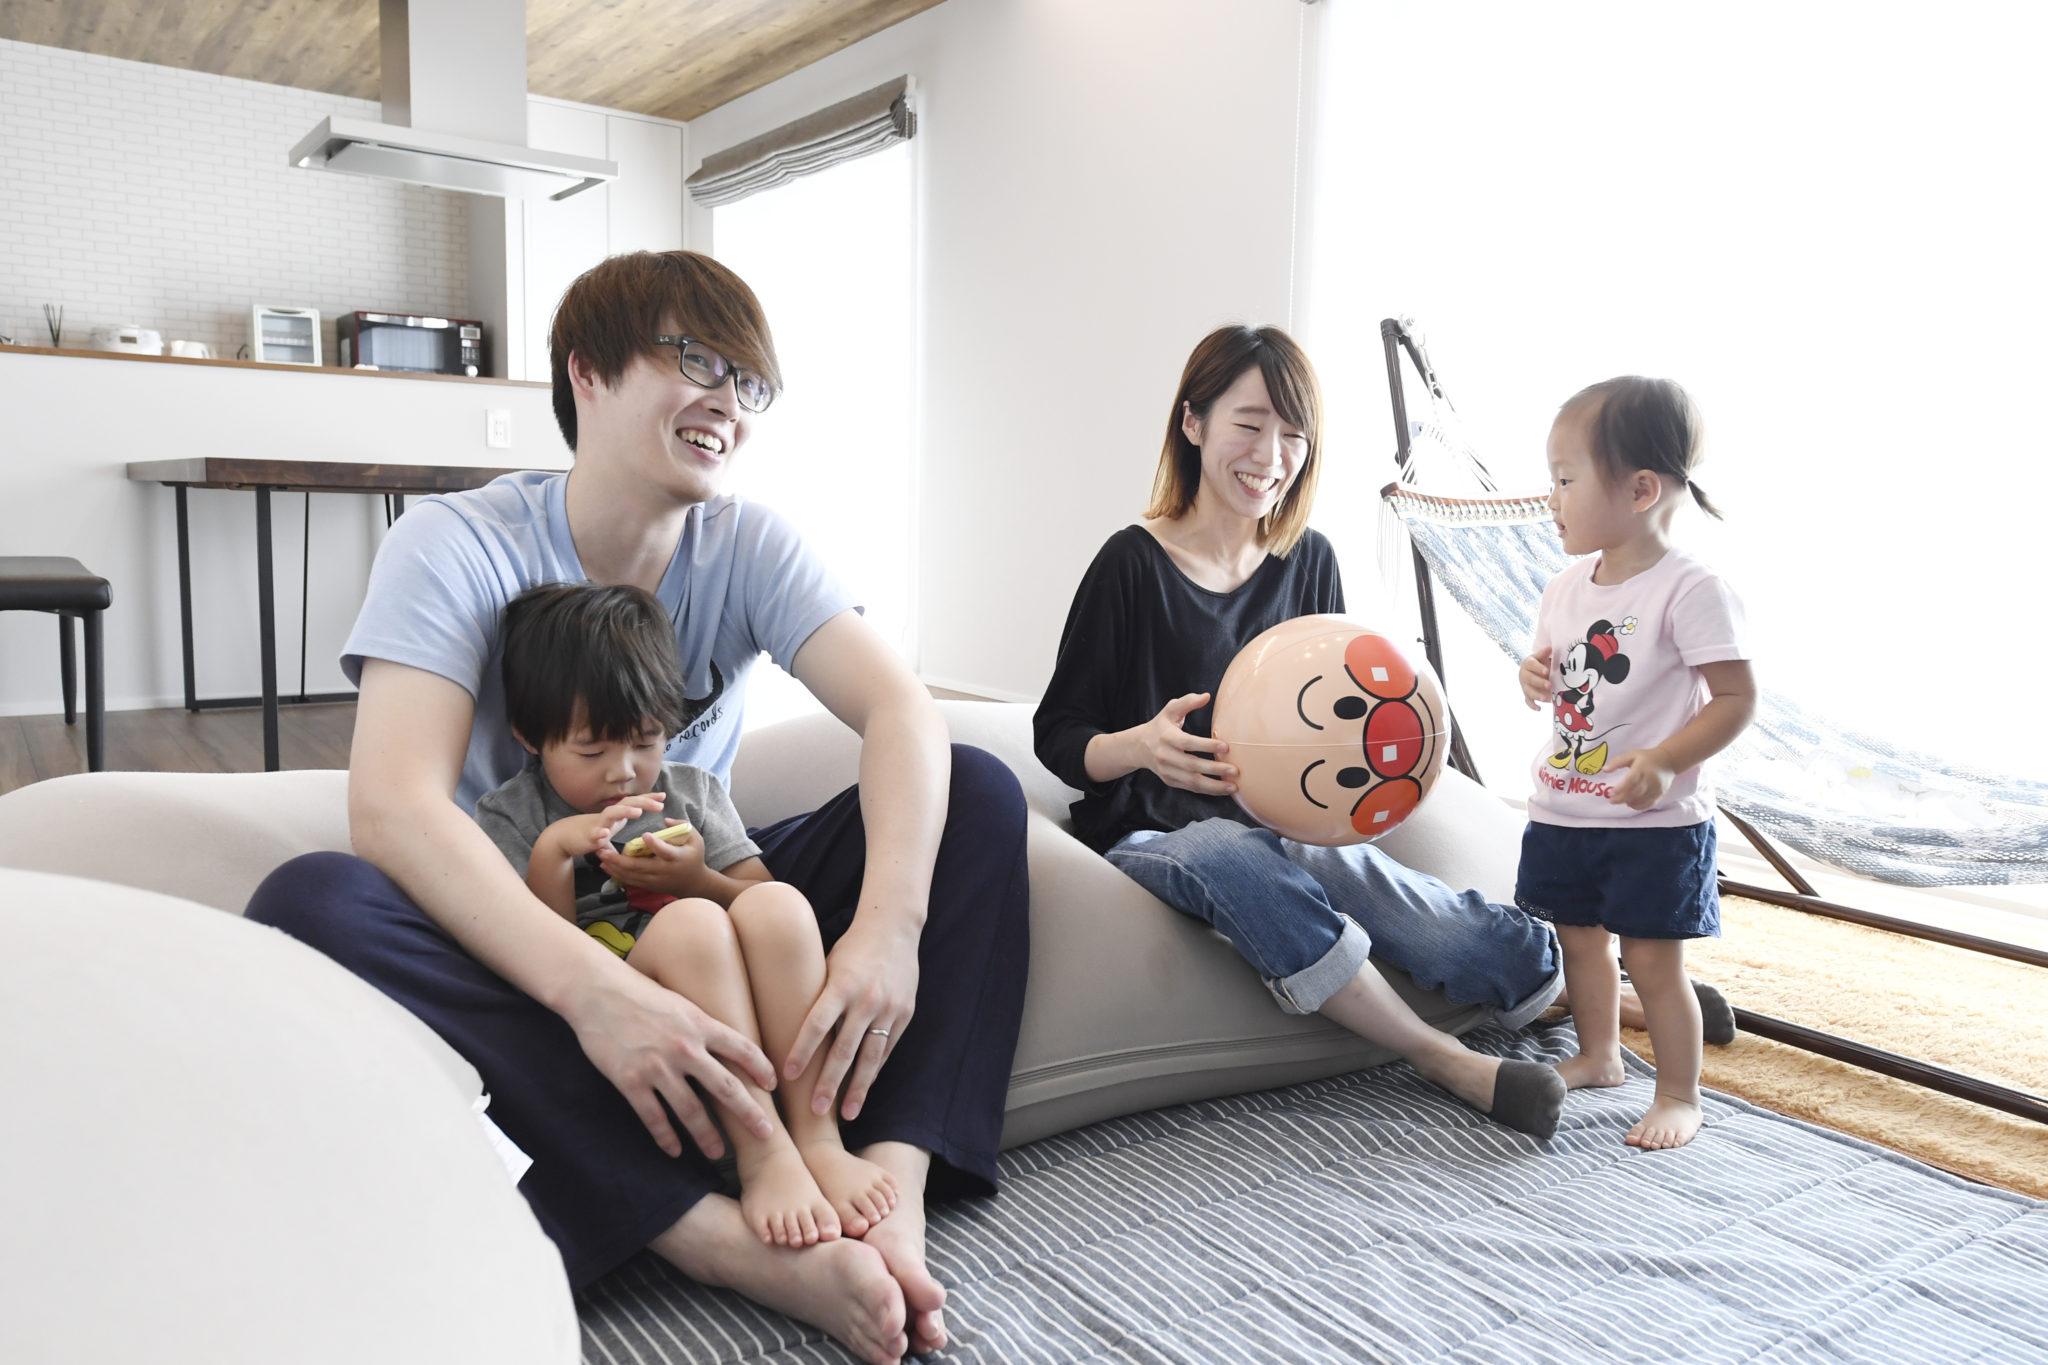 <p>勝美住宅にどうして訪ねてみようと思われたのですか?</p>